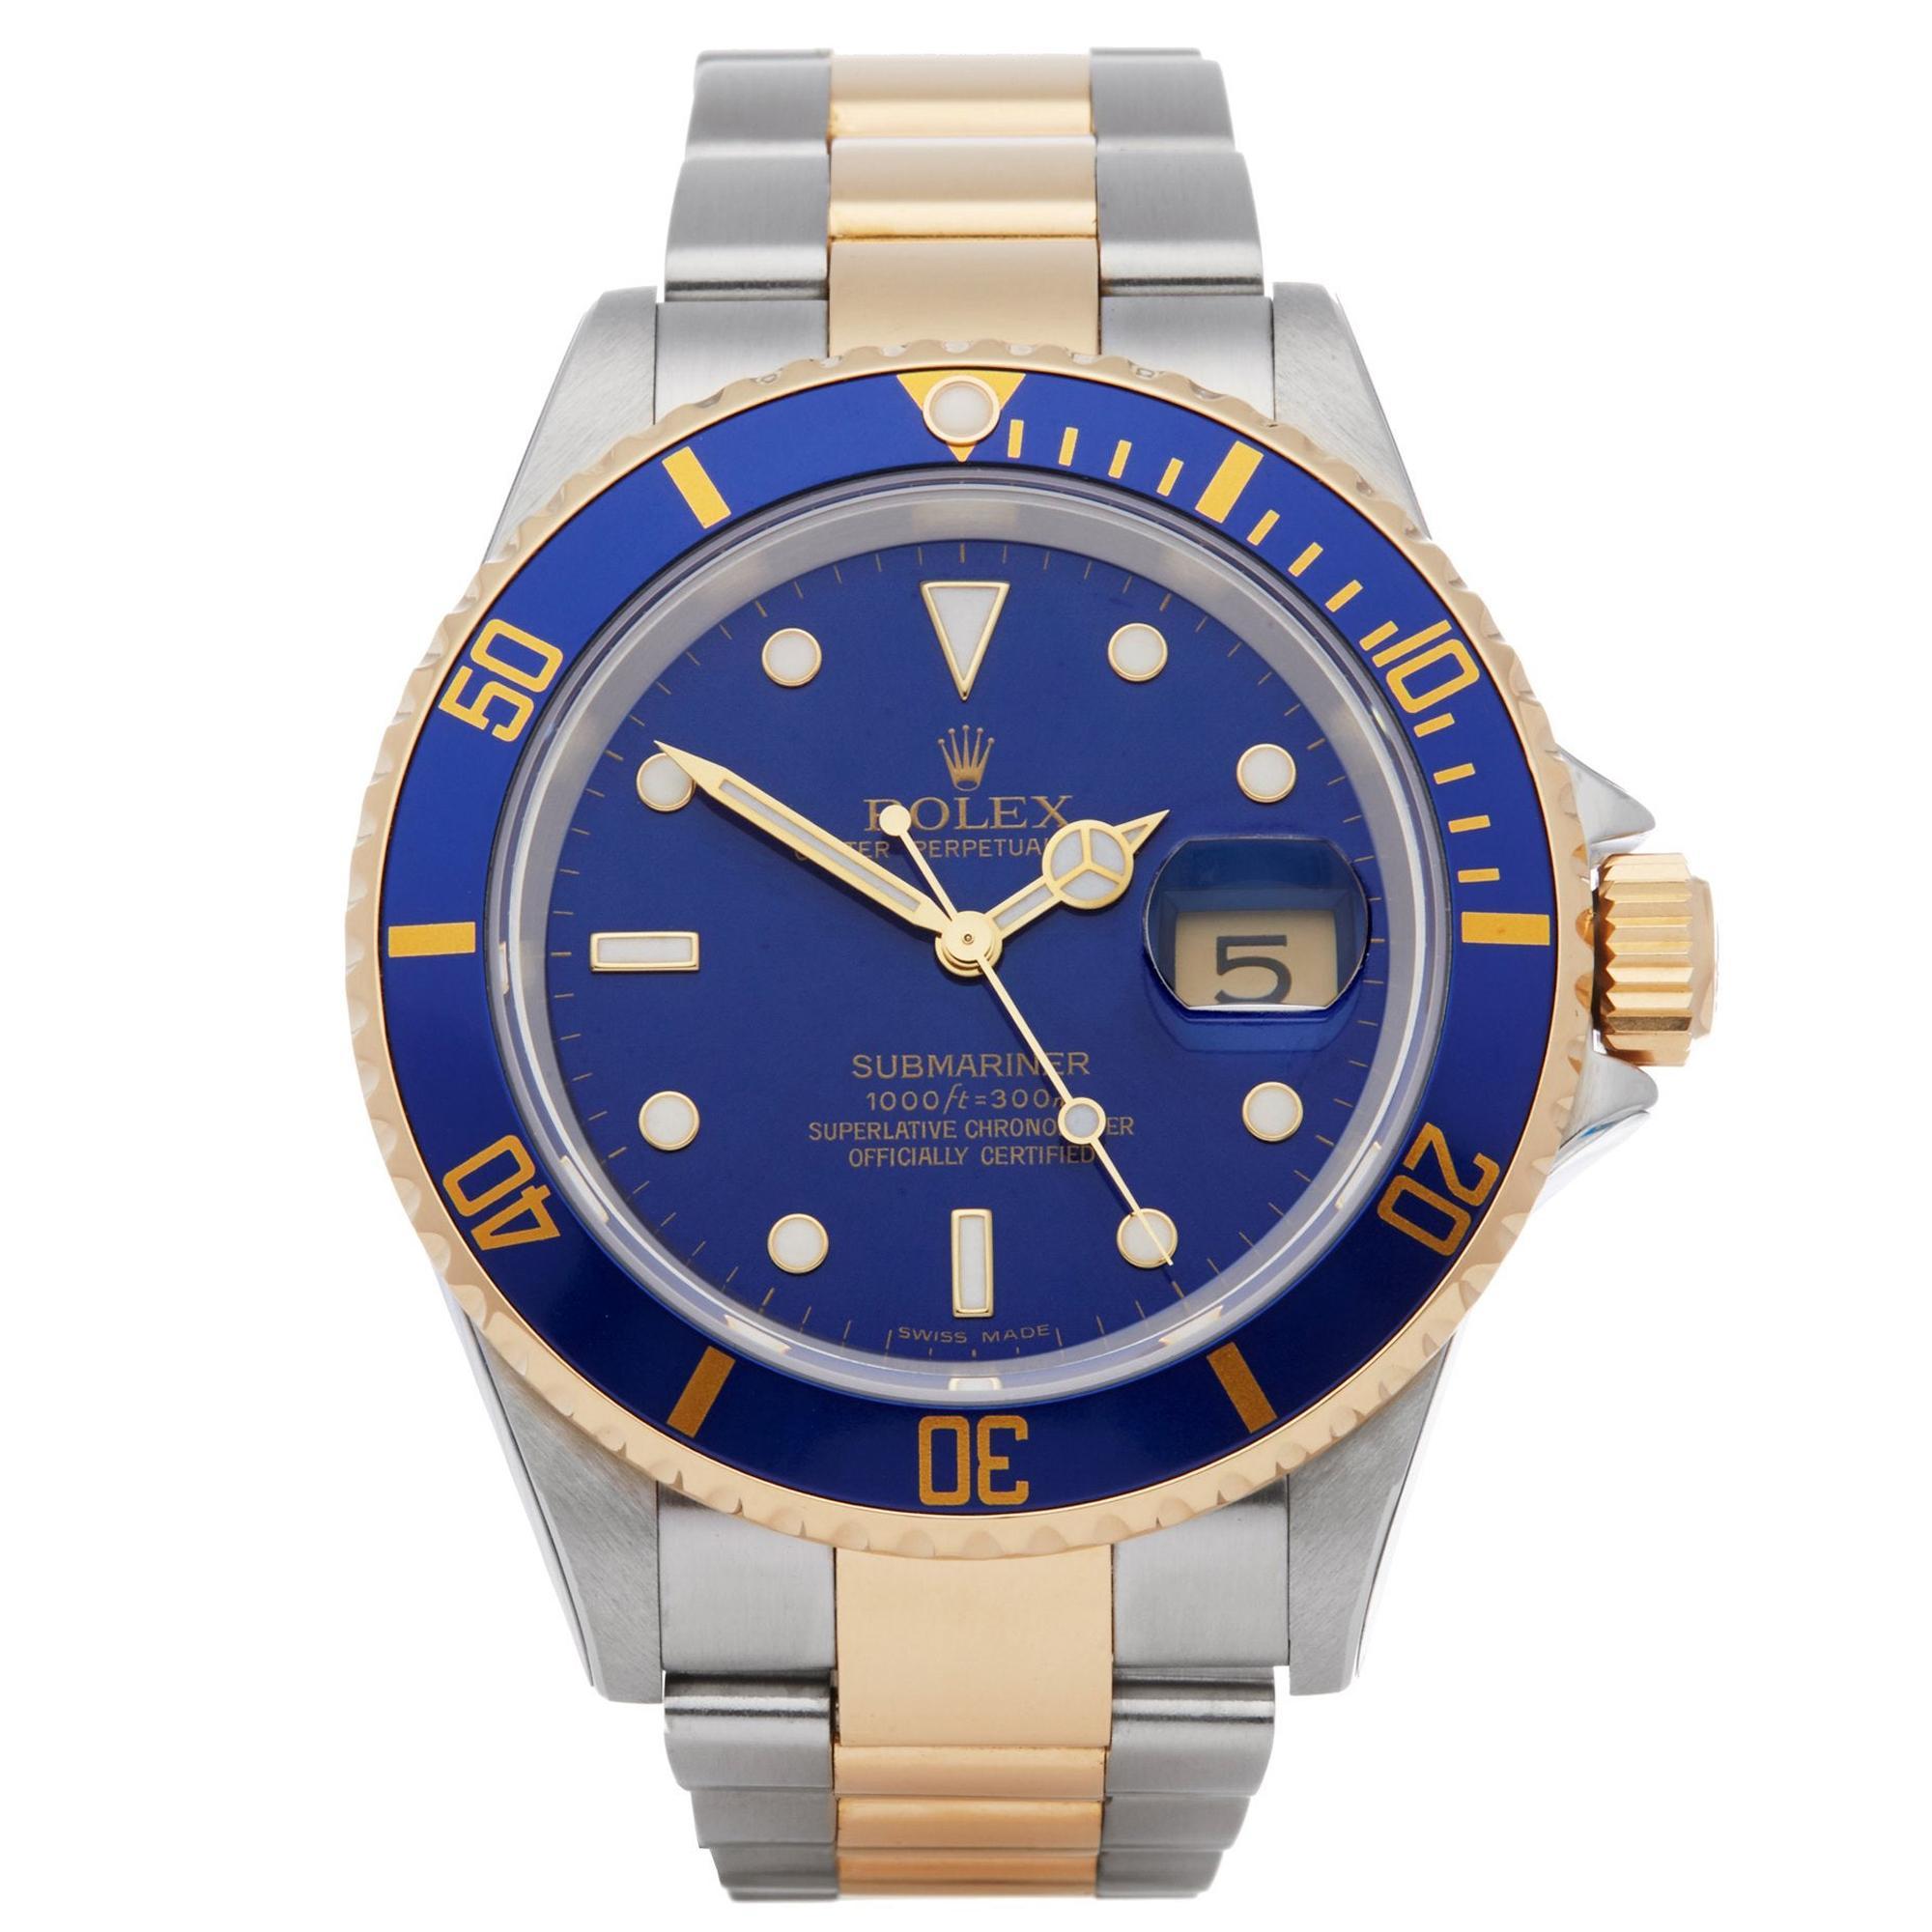 Rolex Submariner 16613 Men's Stainless Steel Watch